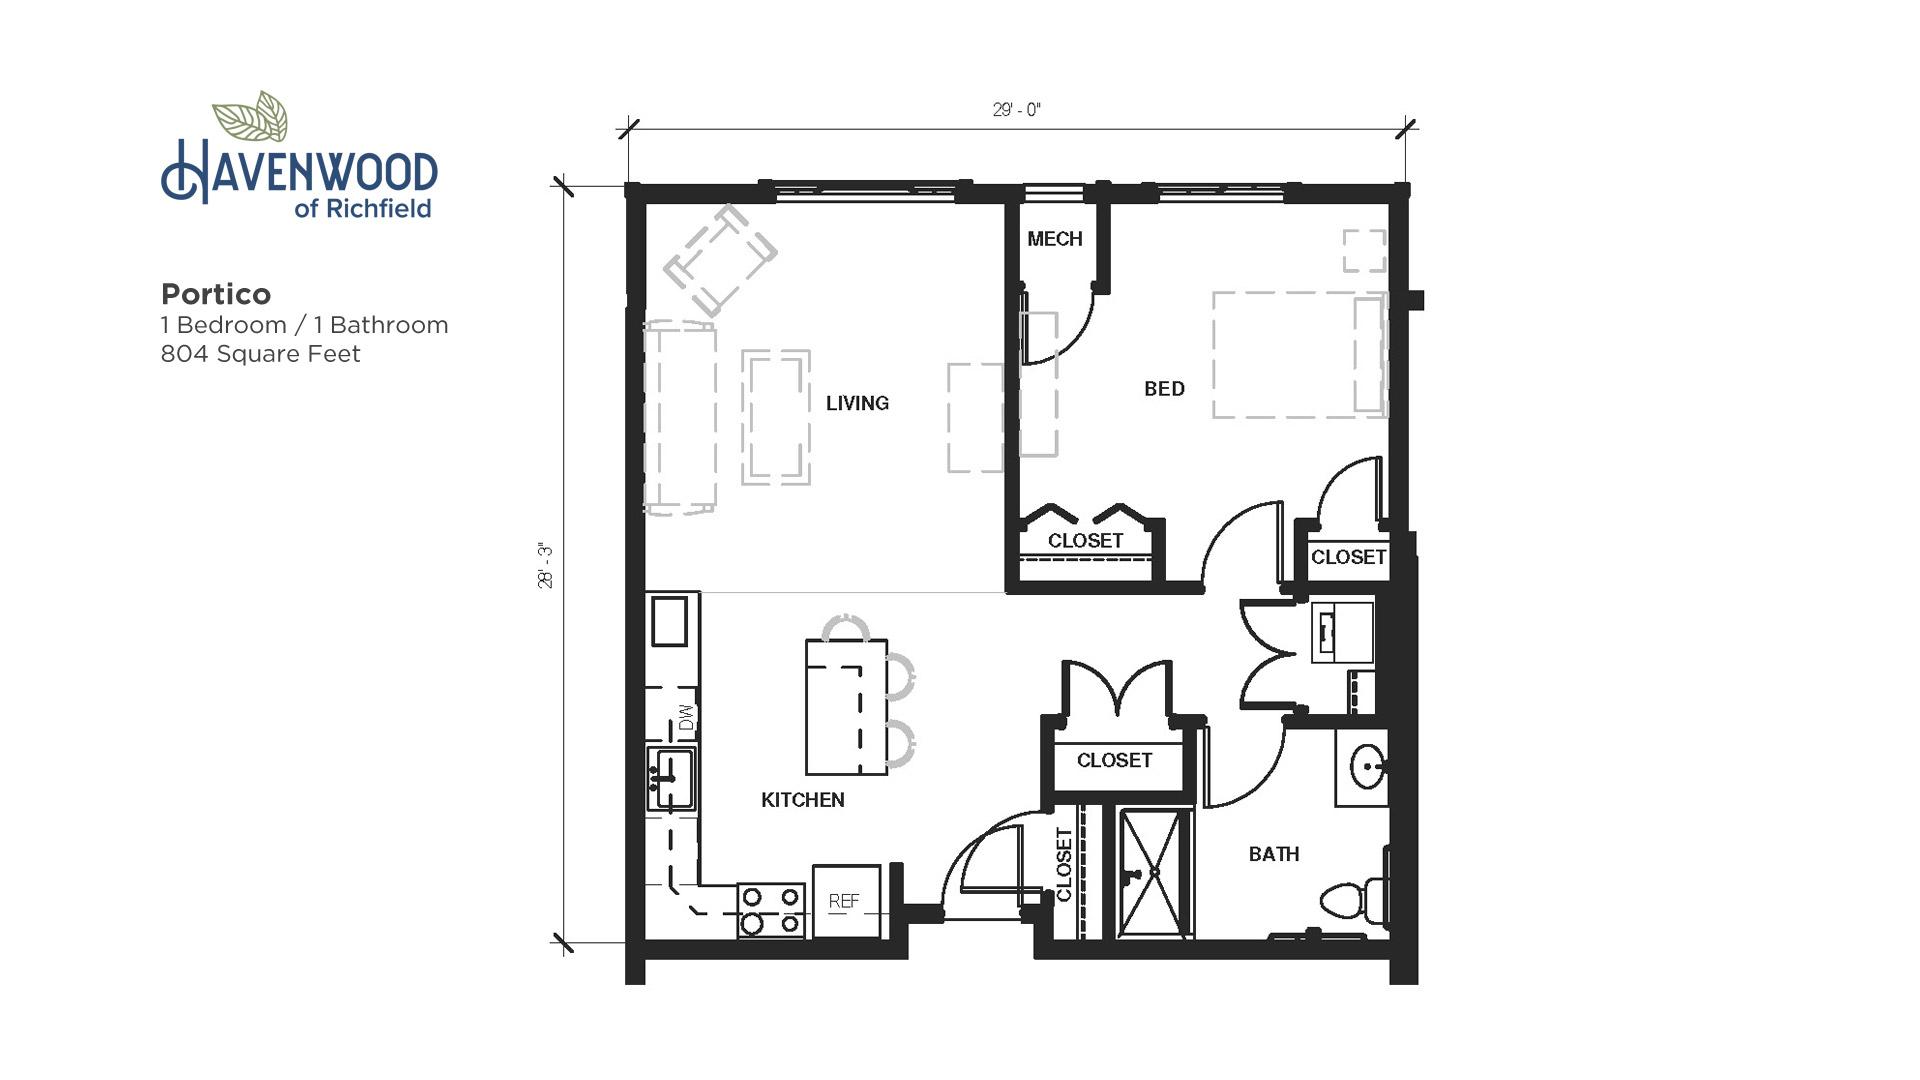 Havenwood of Richfield Portico Floor Plan